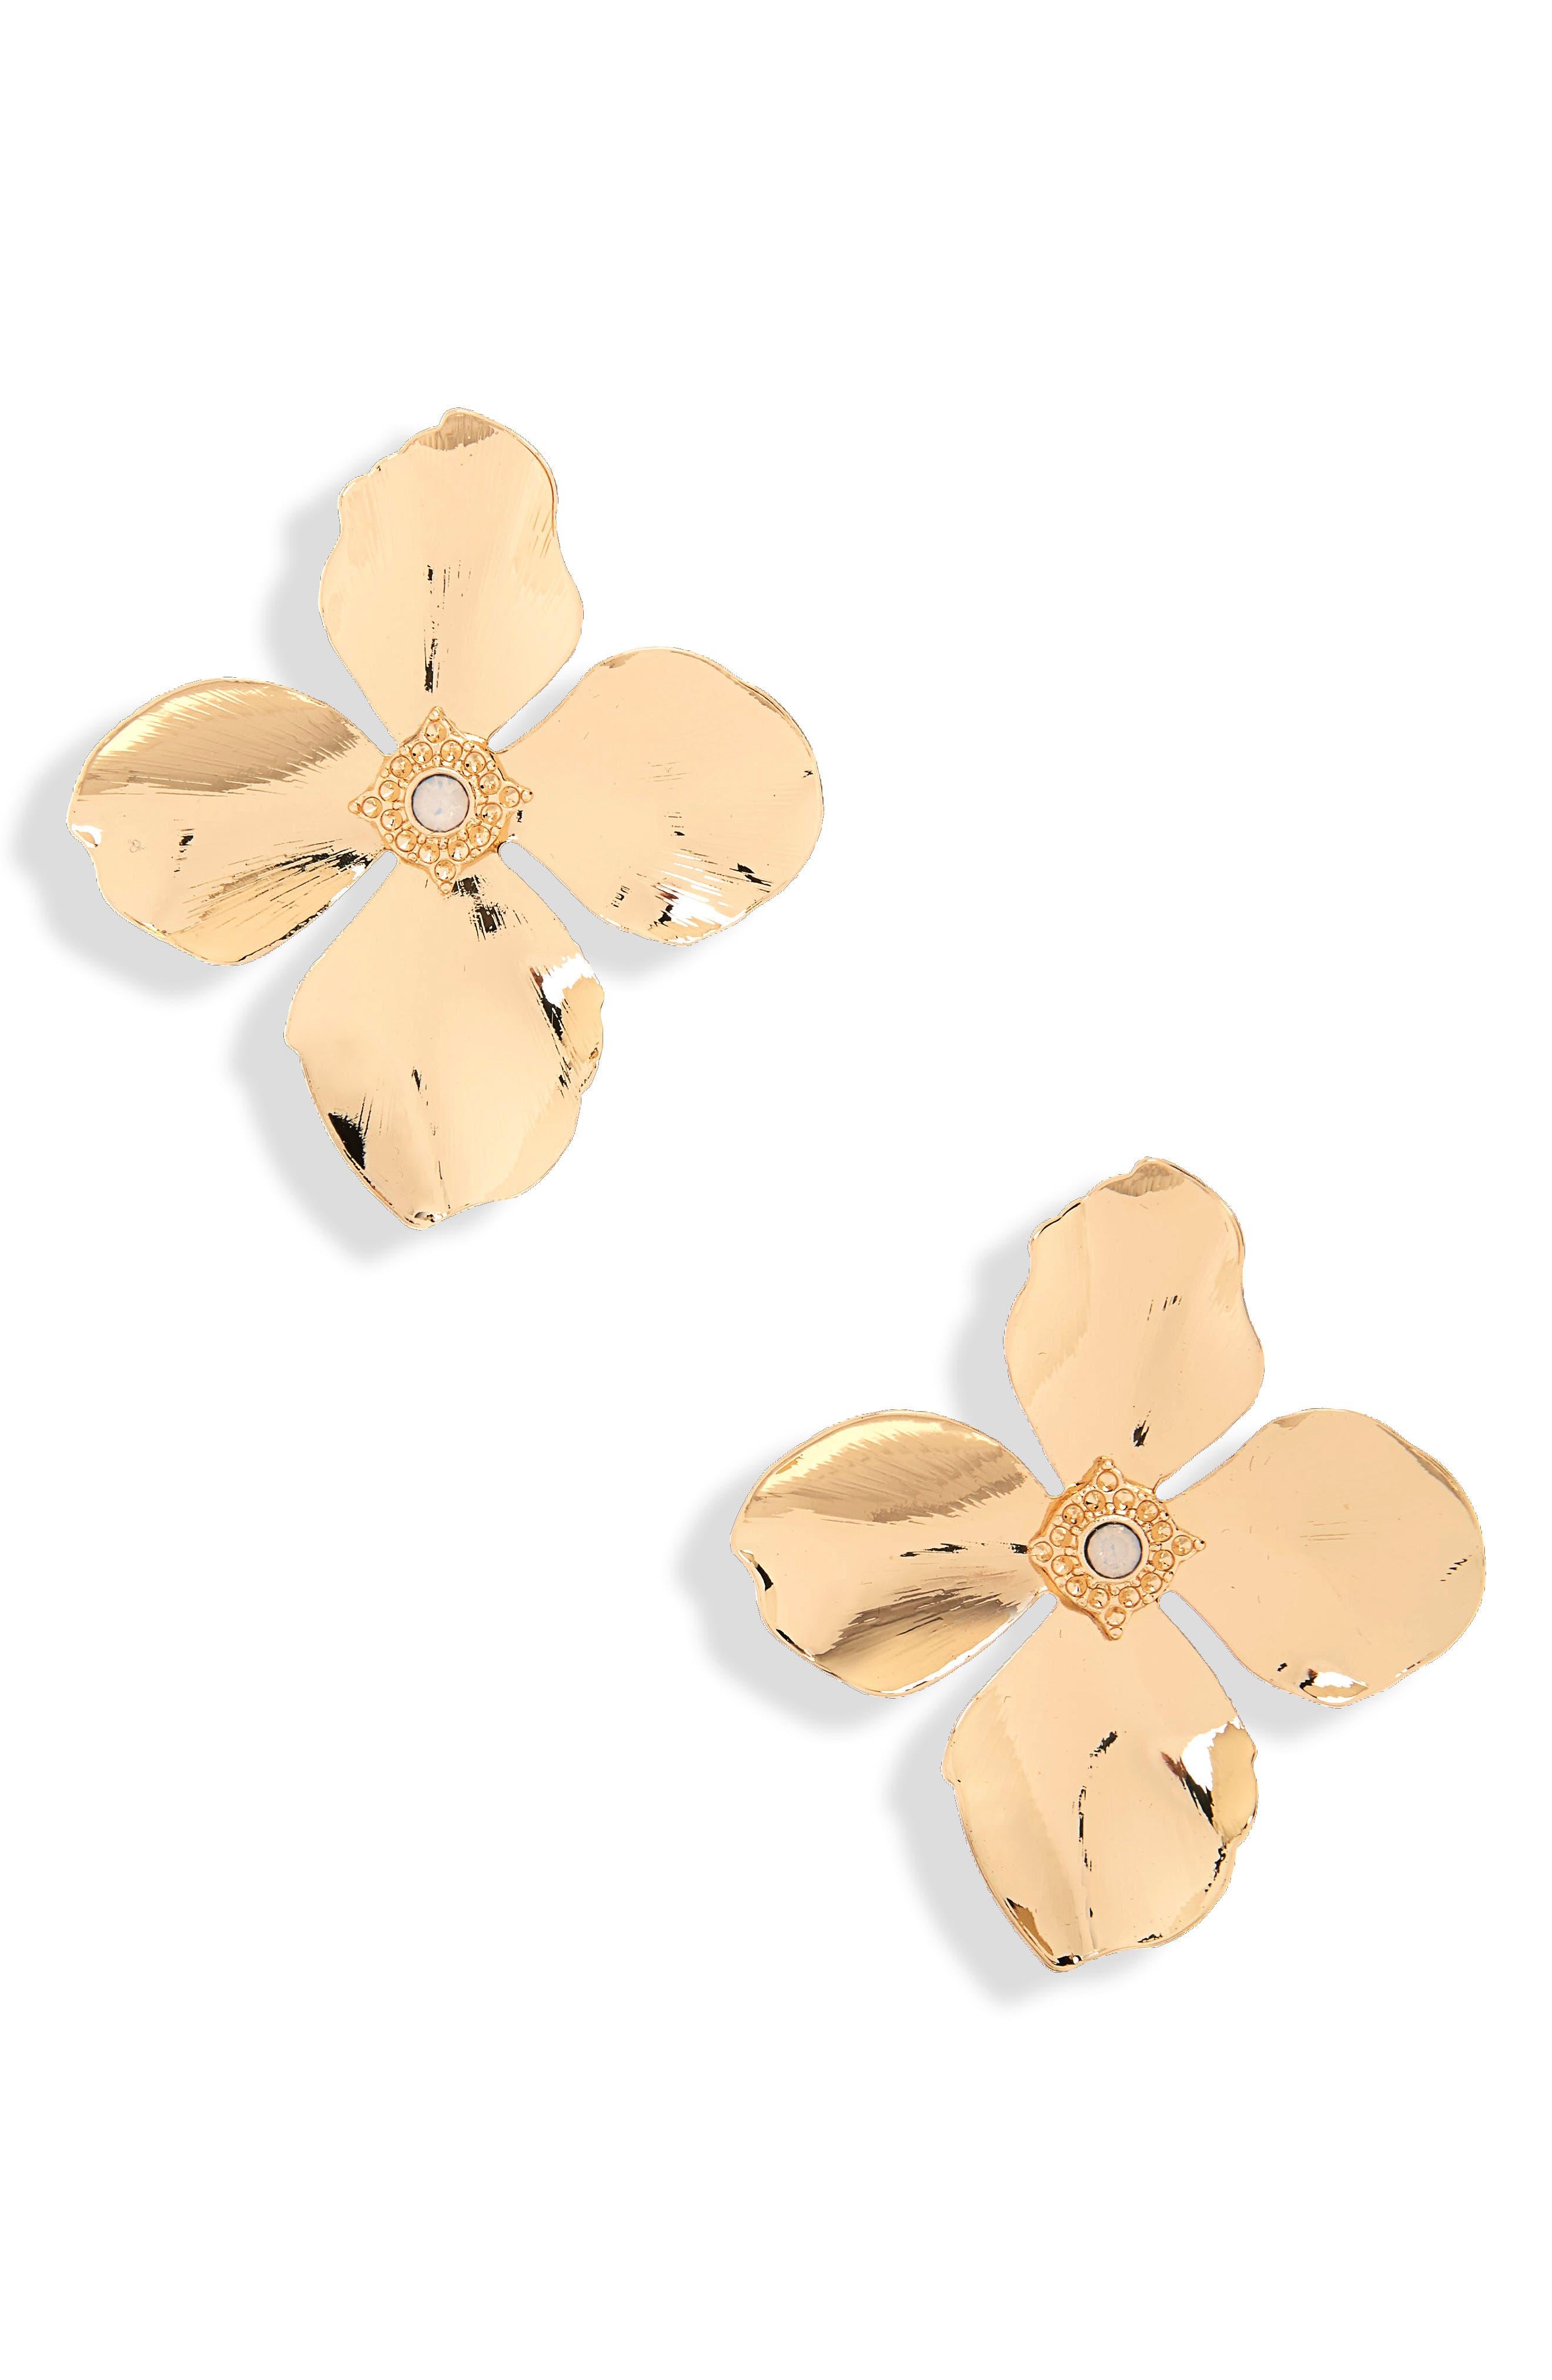 Azalea Floral Earrings,                             Main thumbnail 1, color,                             710